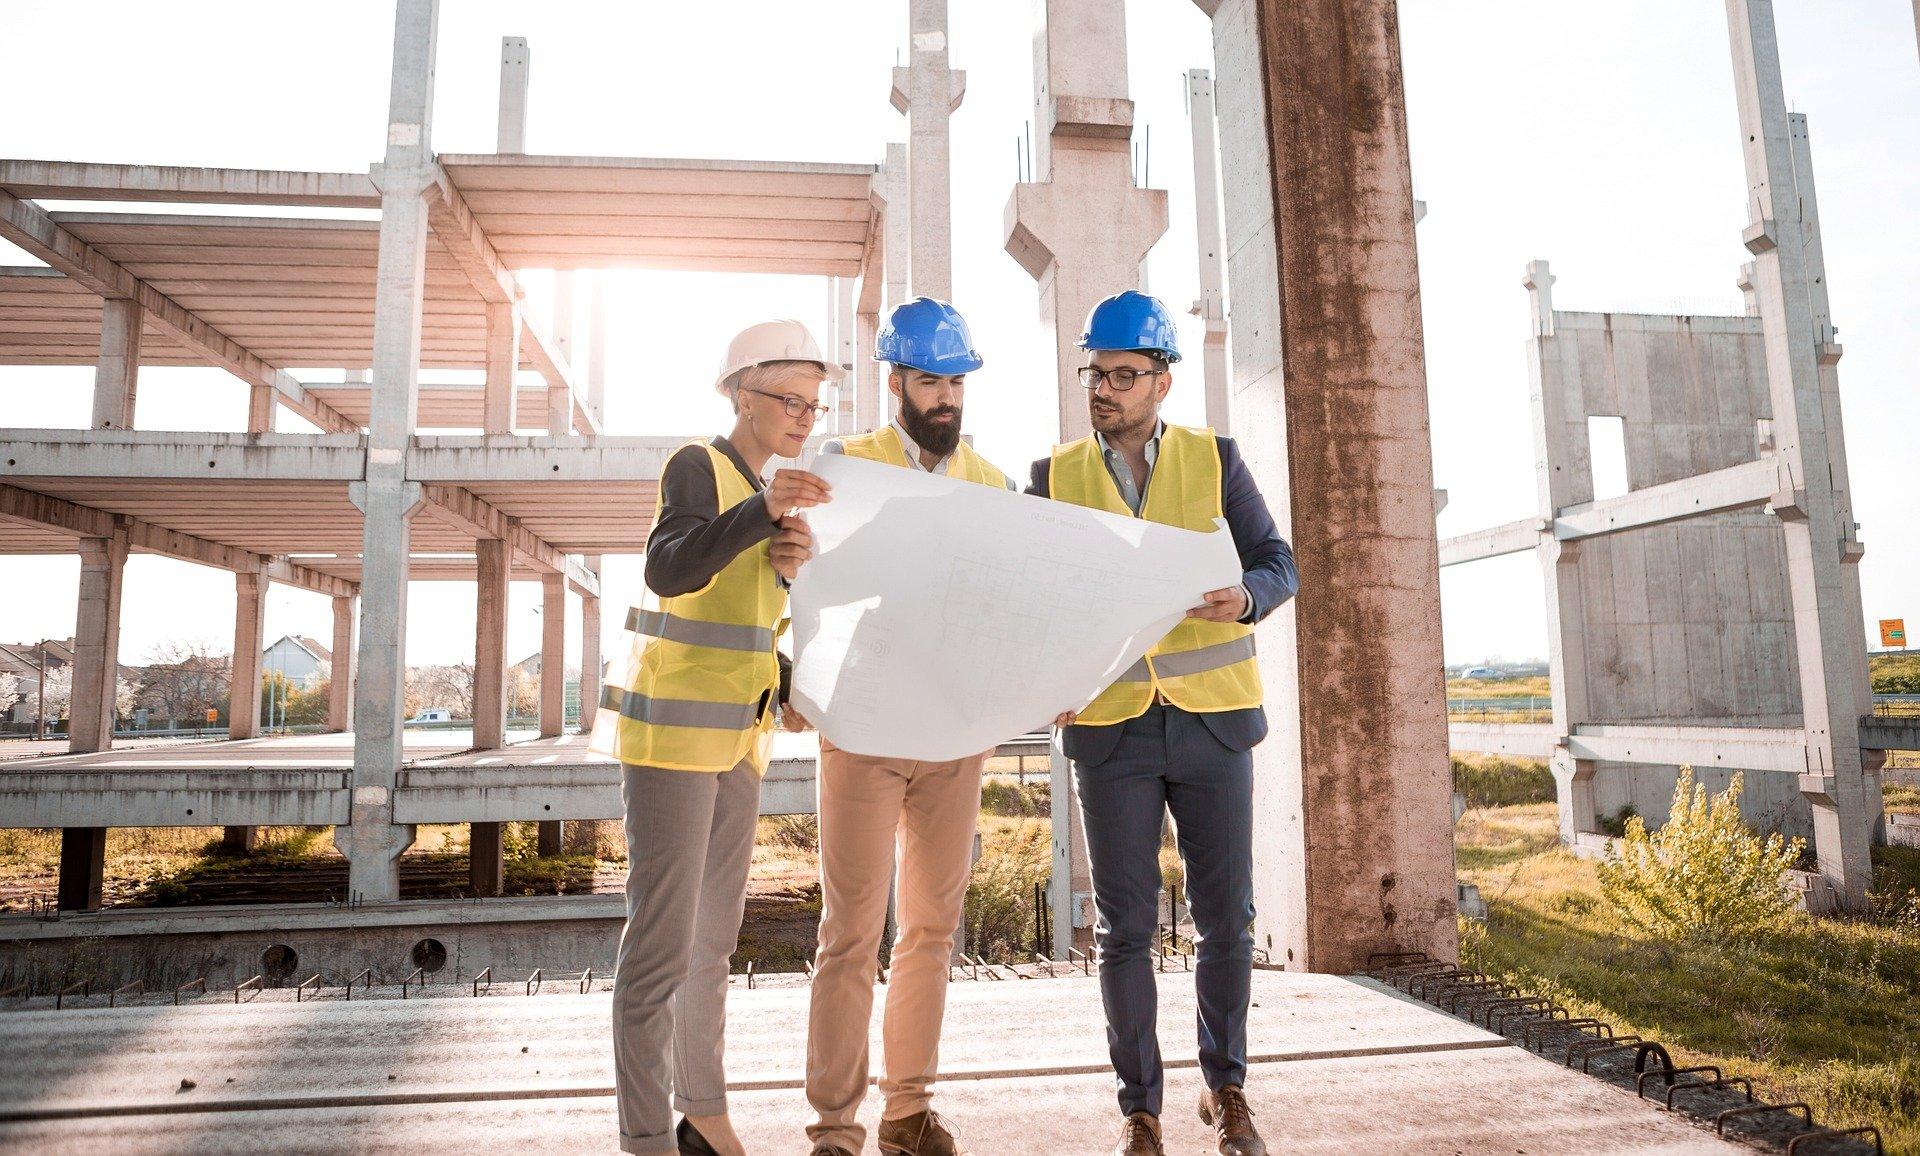 essen Baustellenüberwachung, Baustellenbewachung Sicherheitsdienst Baustelle, Bau bewachen